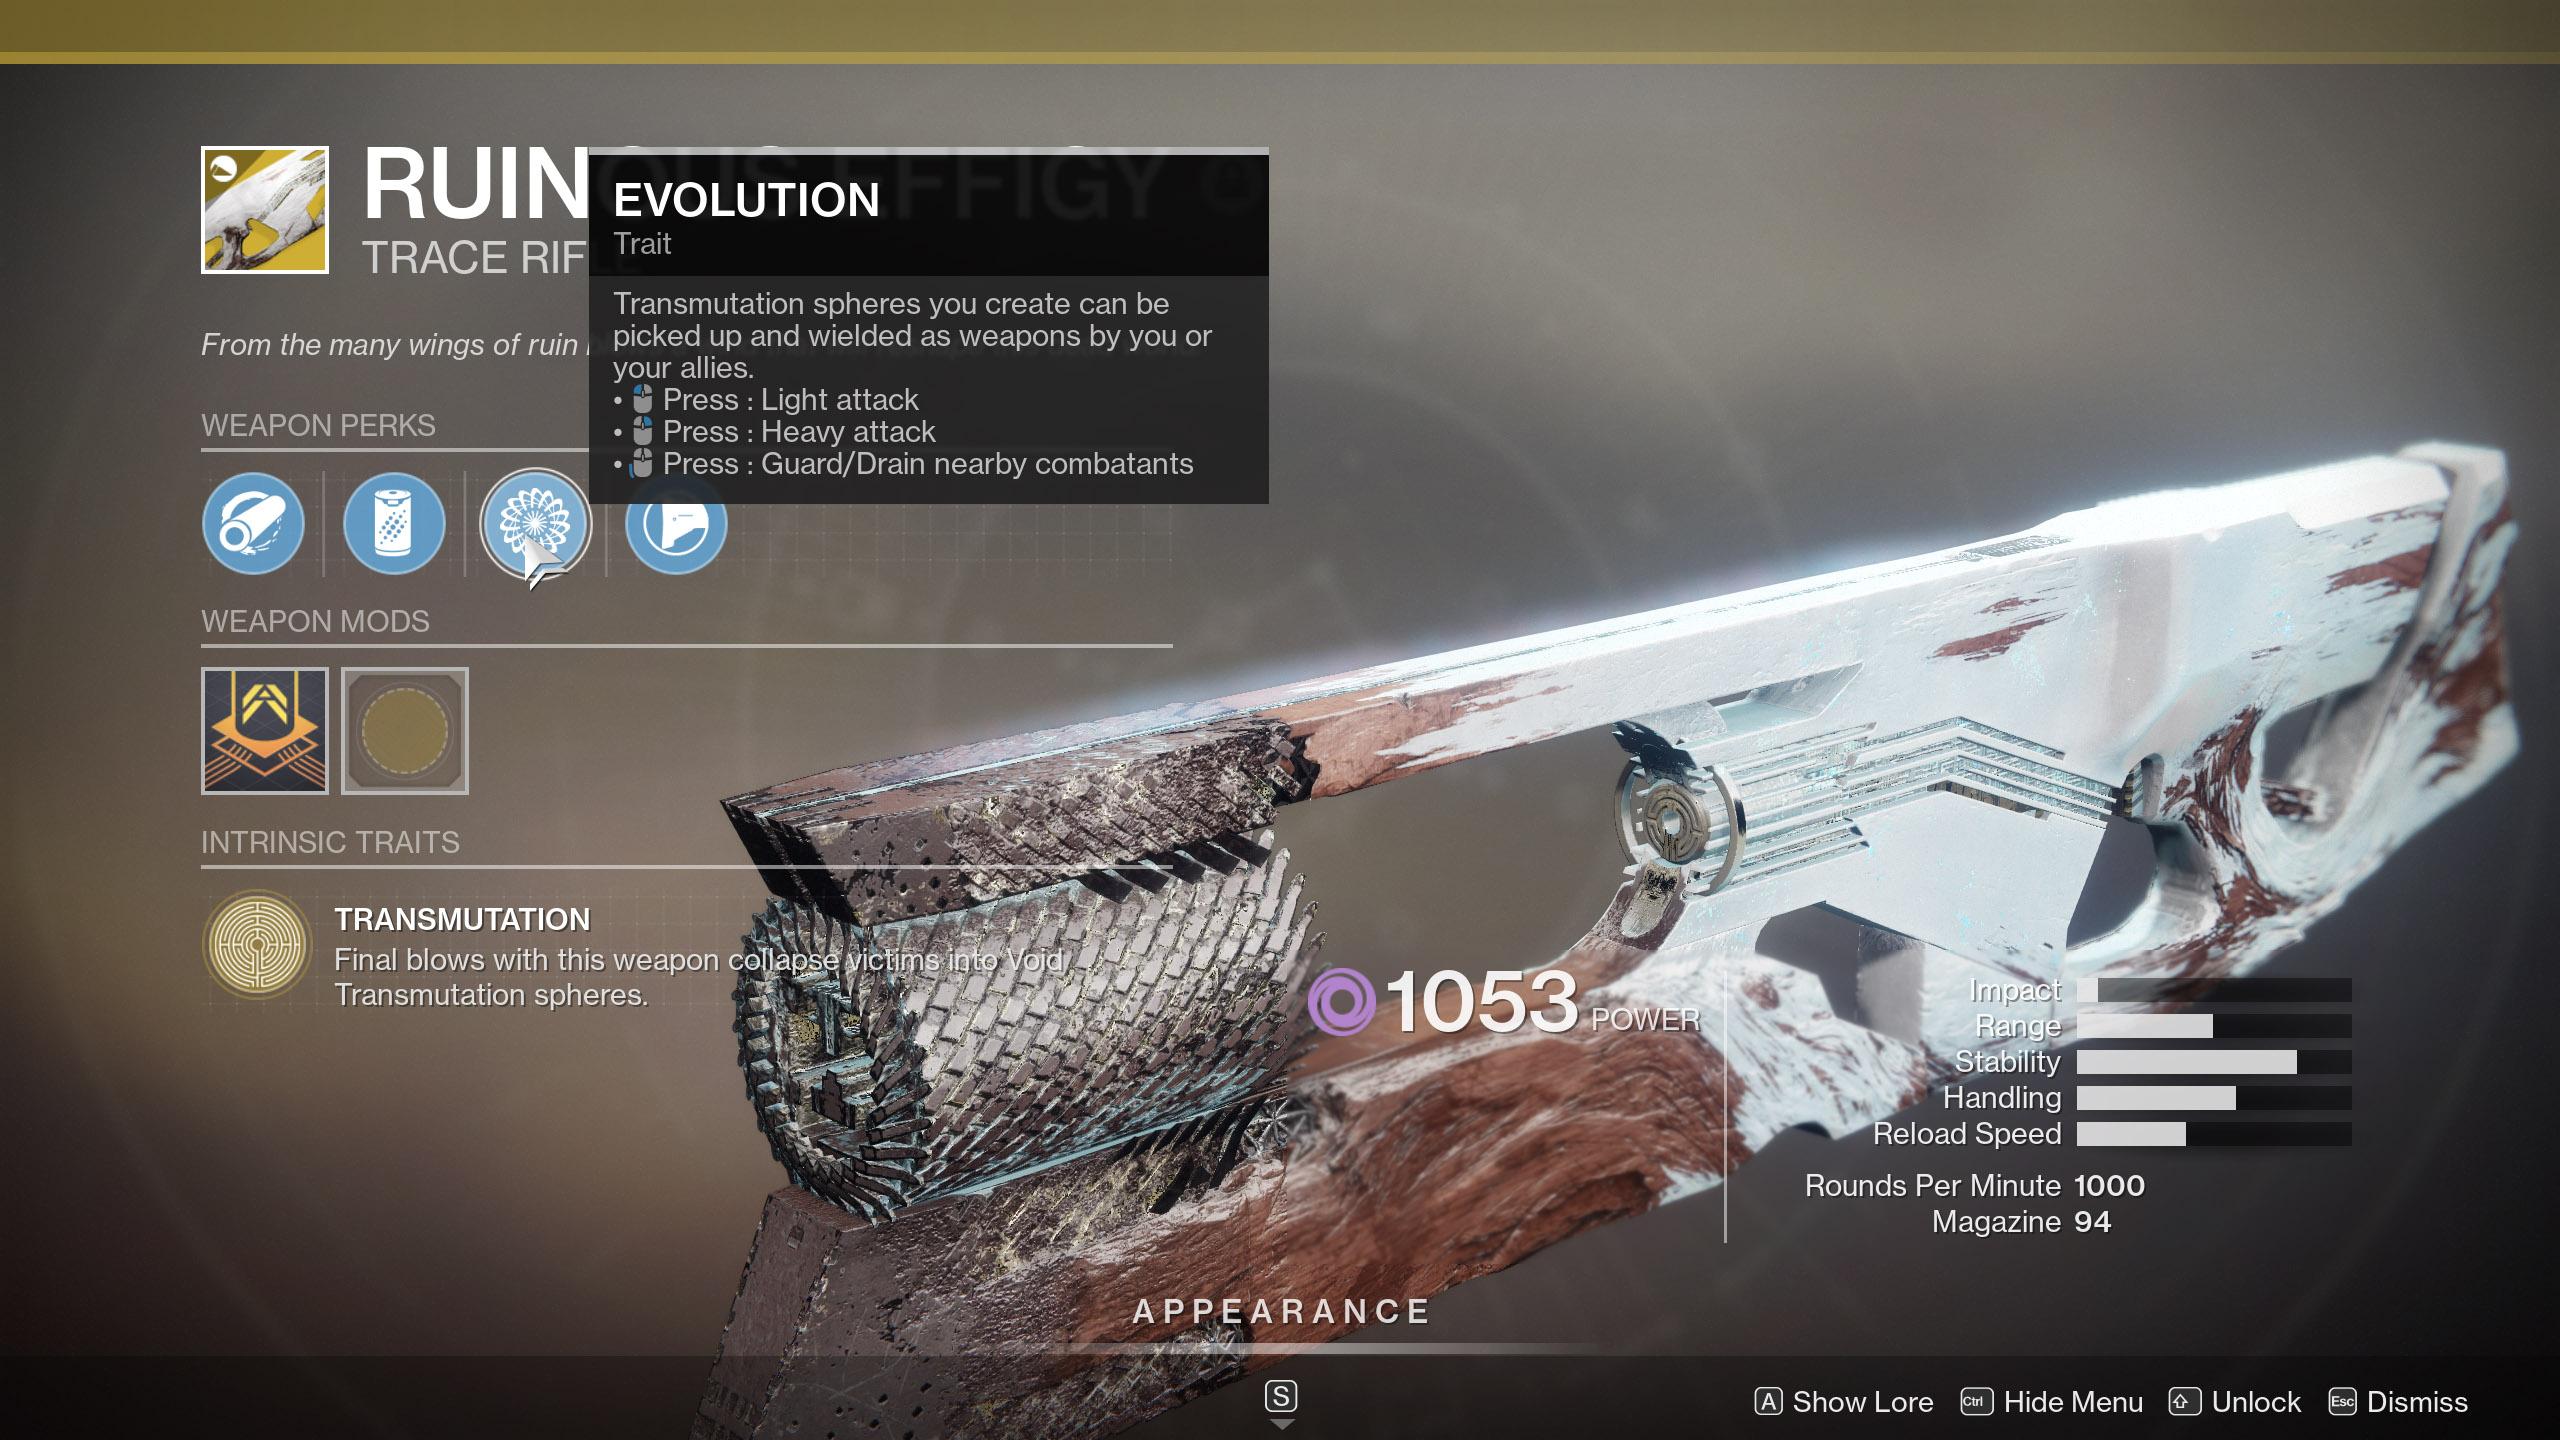 Transmutation Spheres Destiny 2